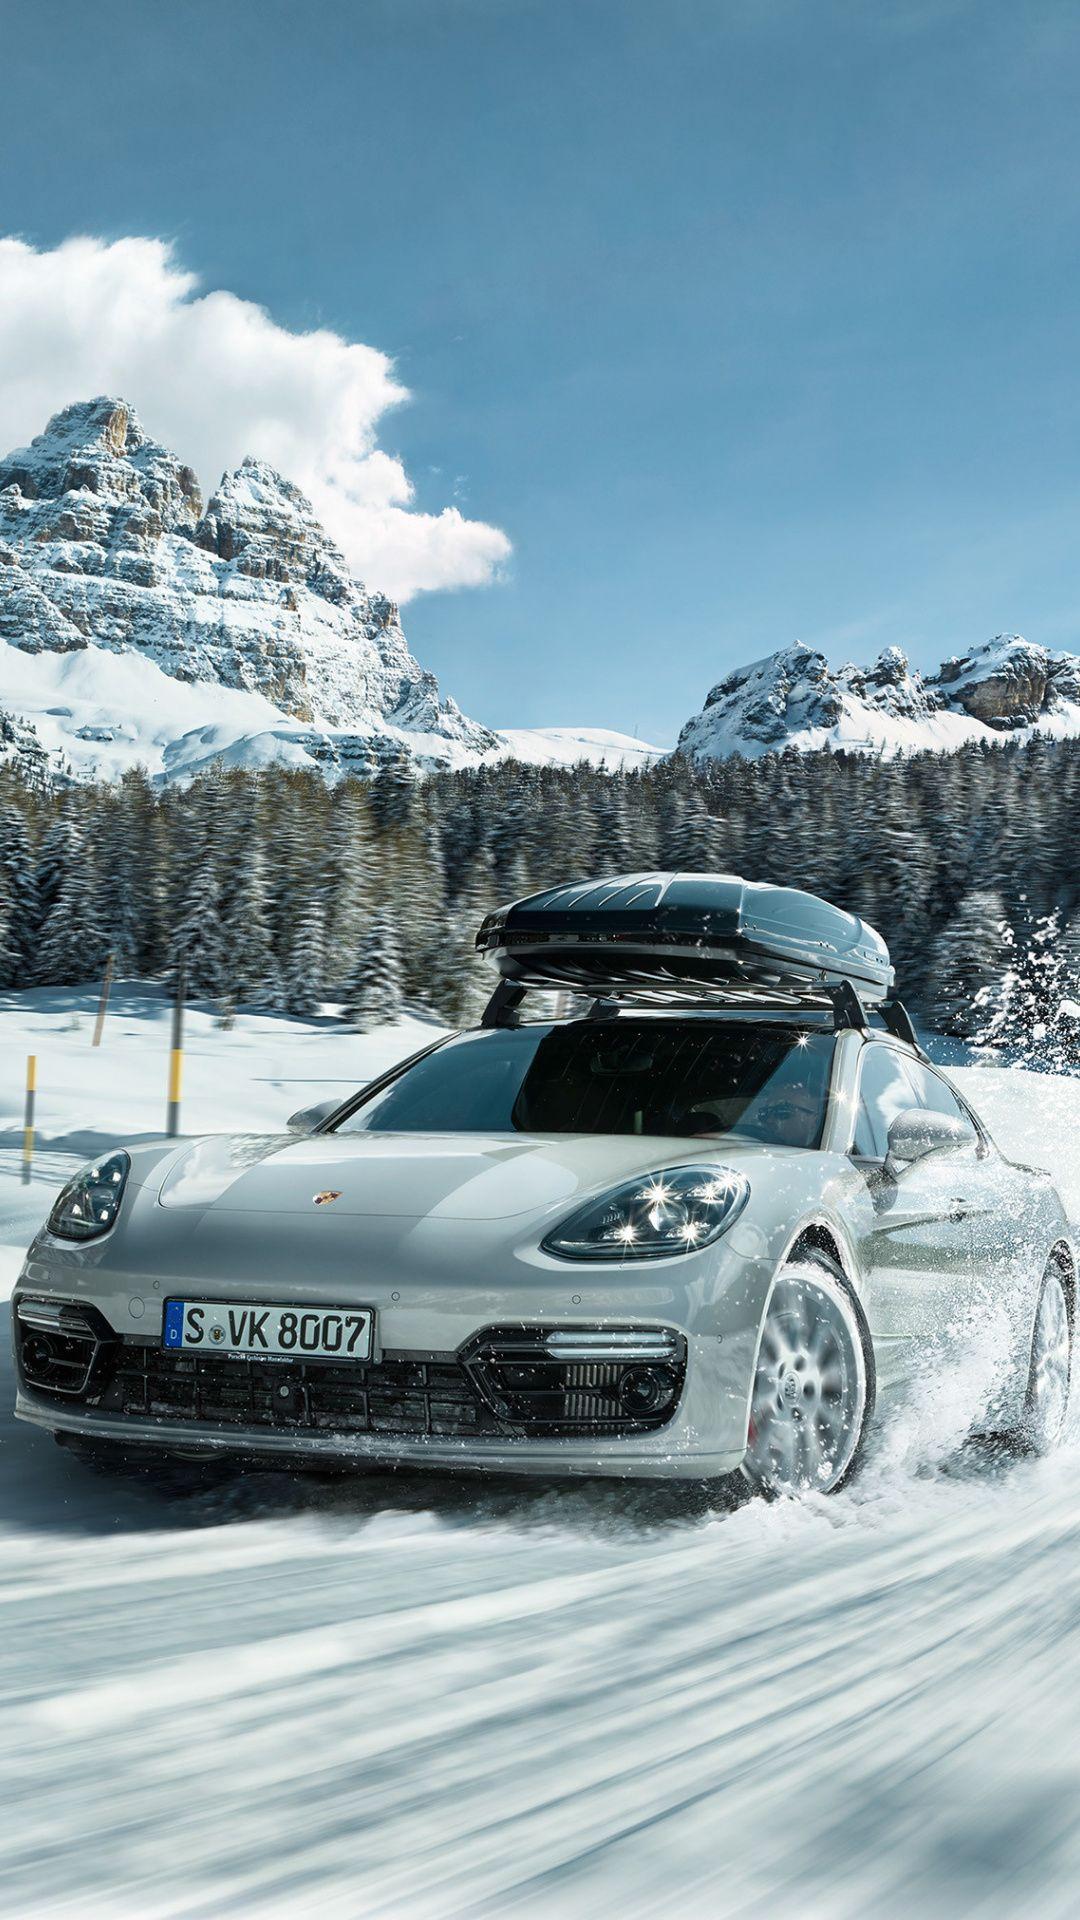 Porsche Sports Car Off Road Snow 1080x1920 Wallpaper Sports Cars Luxury Porsche Car Wallpapers